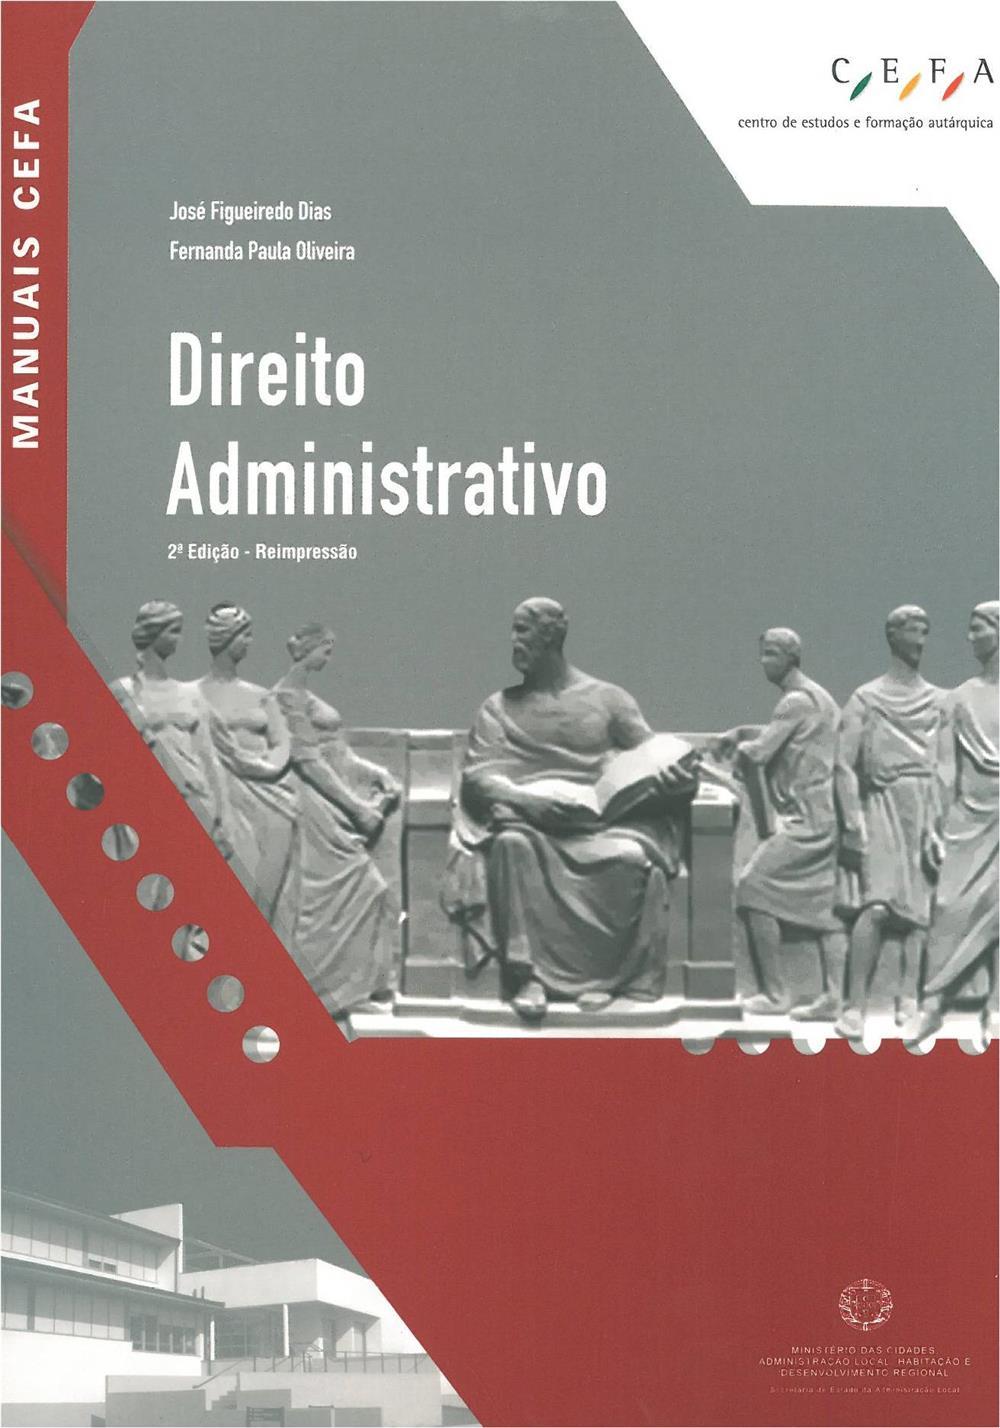 Direito administrativo_.jpg